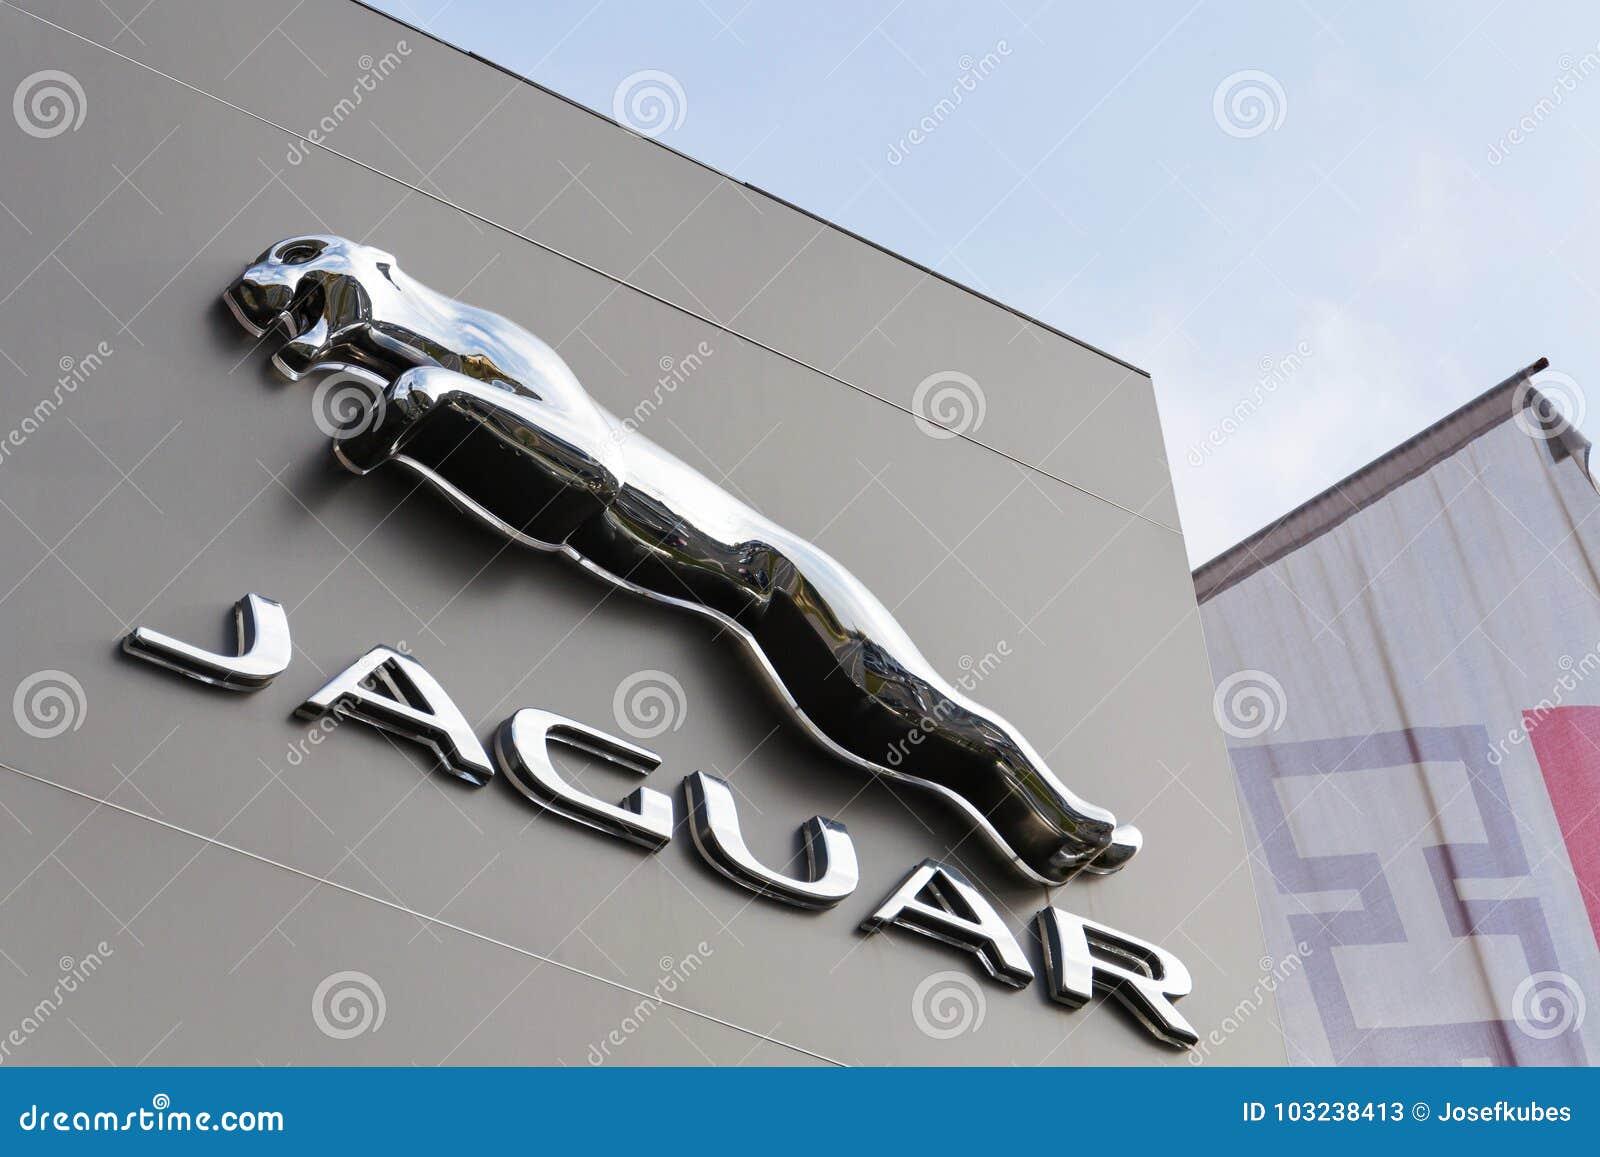 Jaguar Car Manufacturer Company Logo In Front Of Dealership